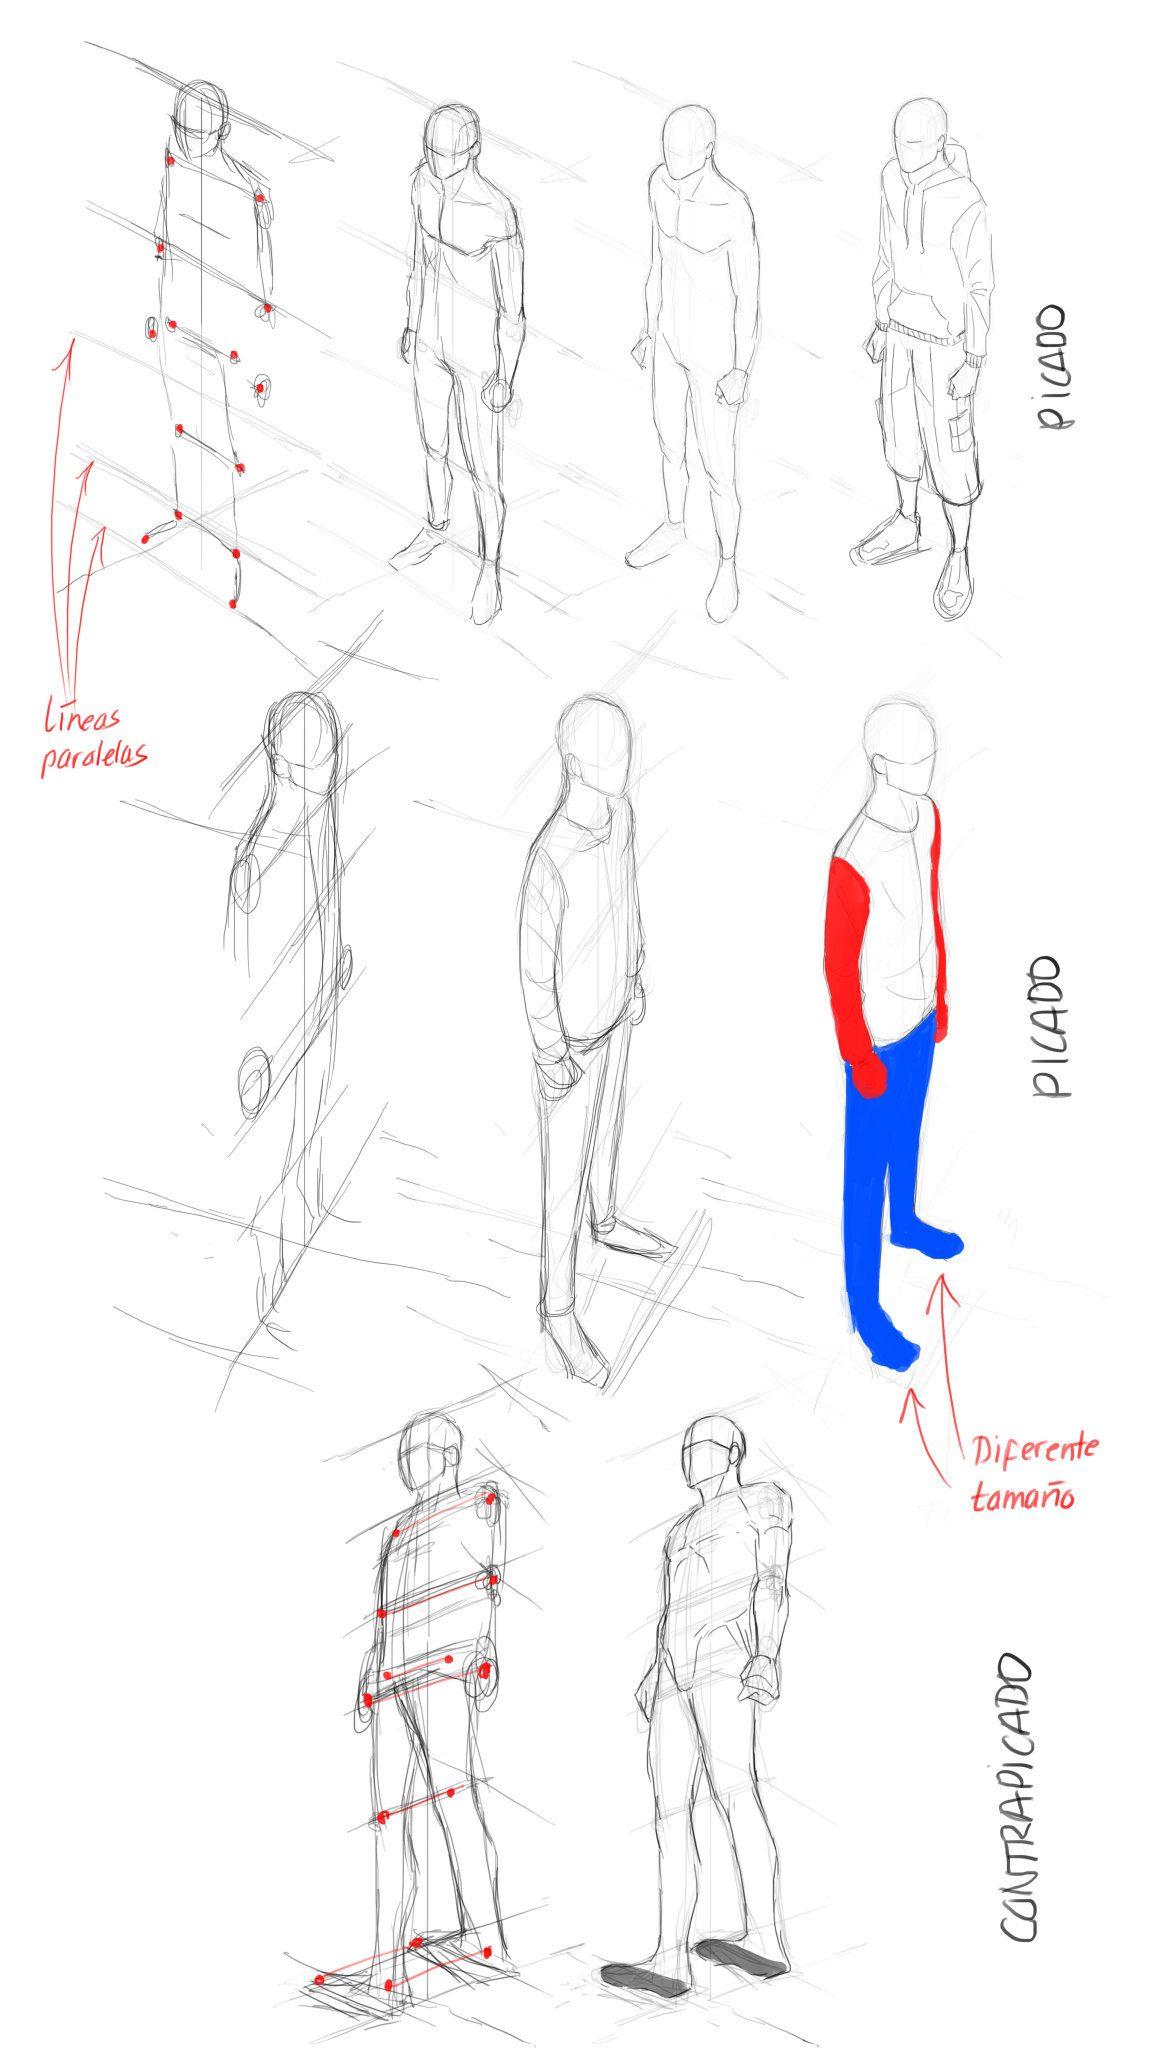 Dibujando en perspectiva (2): El cuerpo | Concurso Manga ...